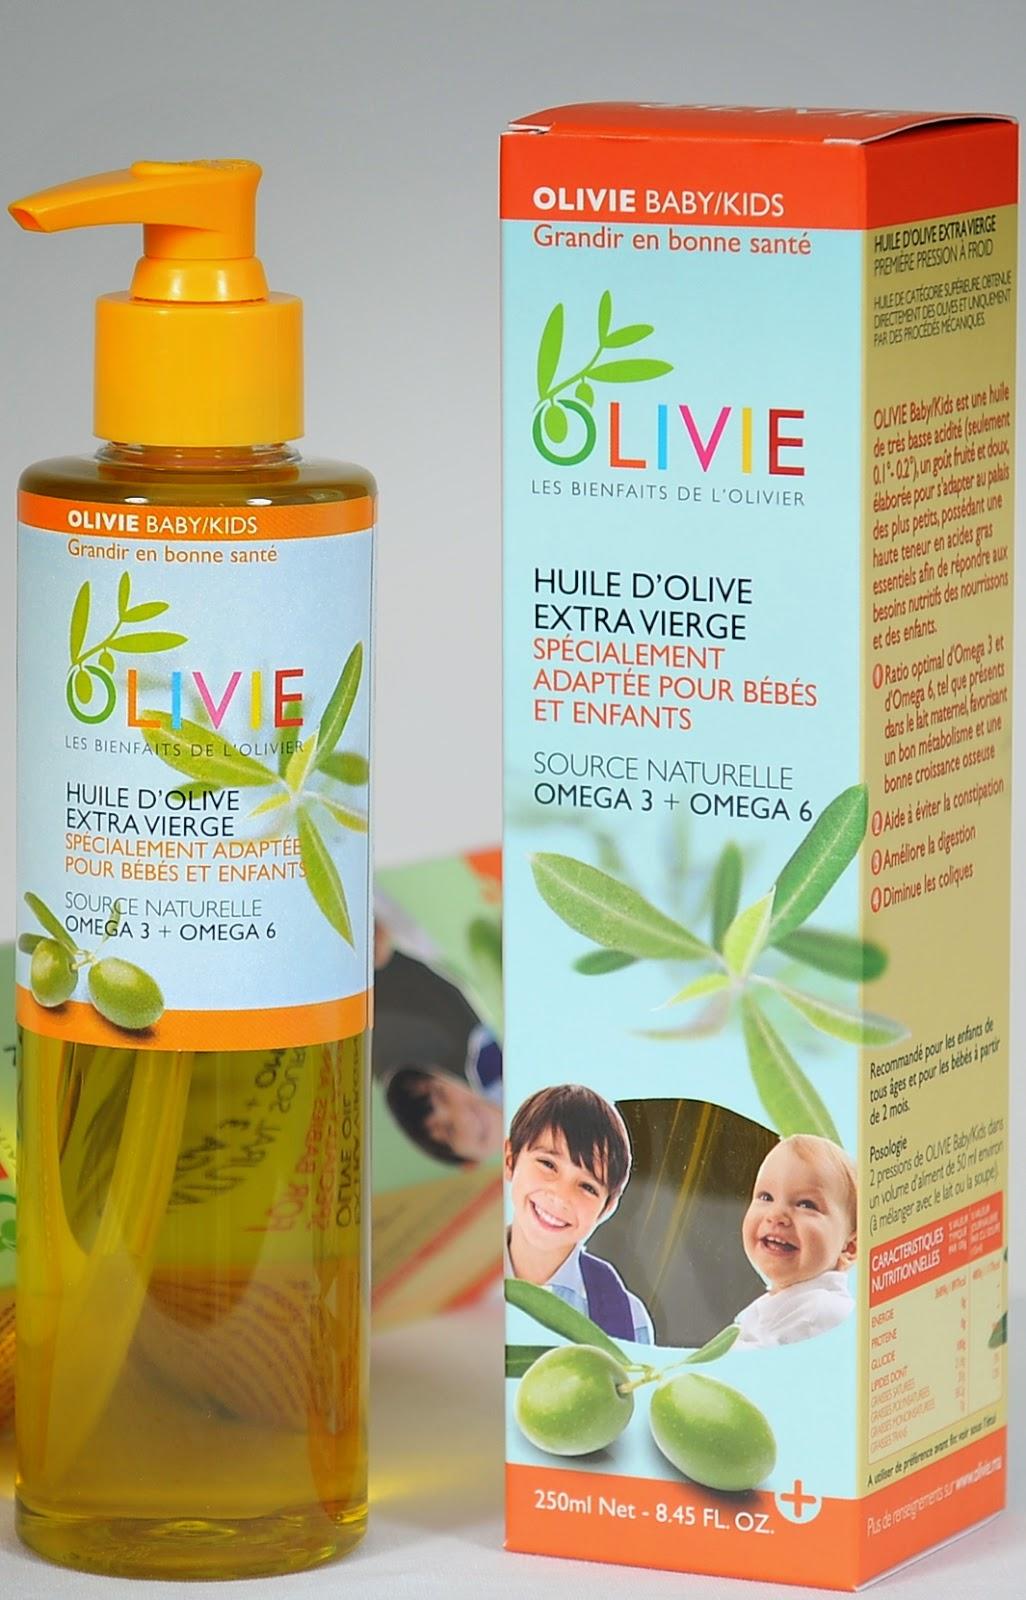 www.olivie.ma